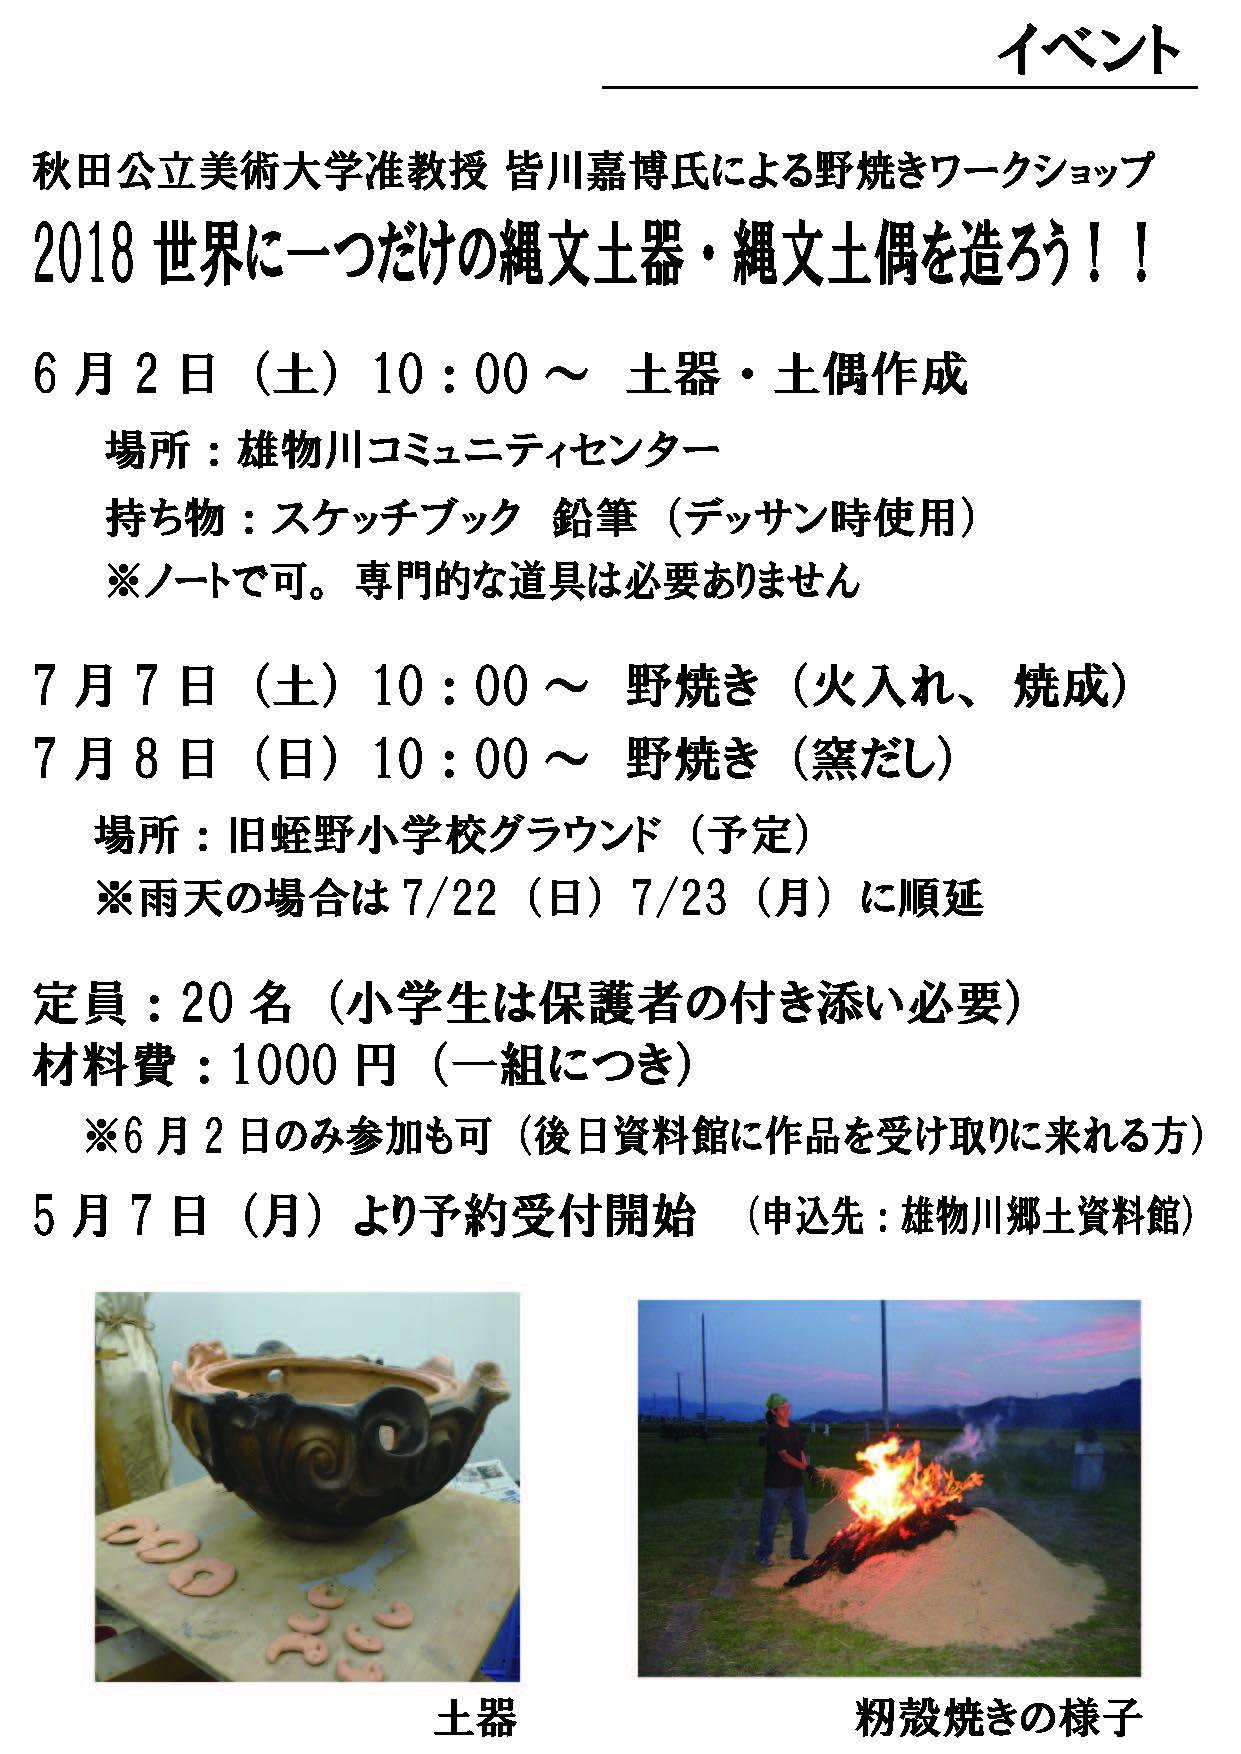 皆川准教授「野焼きワークショップ2018世界にひとつだけの縄文土器・縄文土偶を造ろう!」